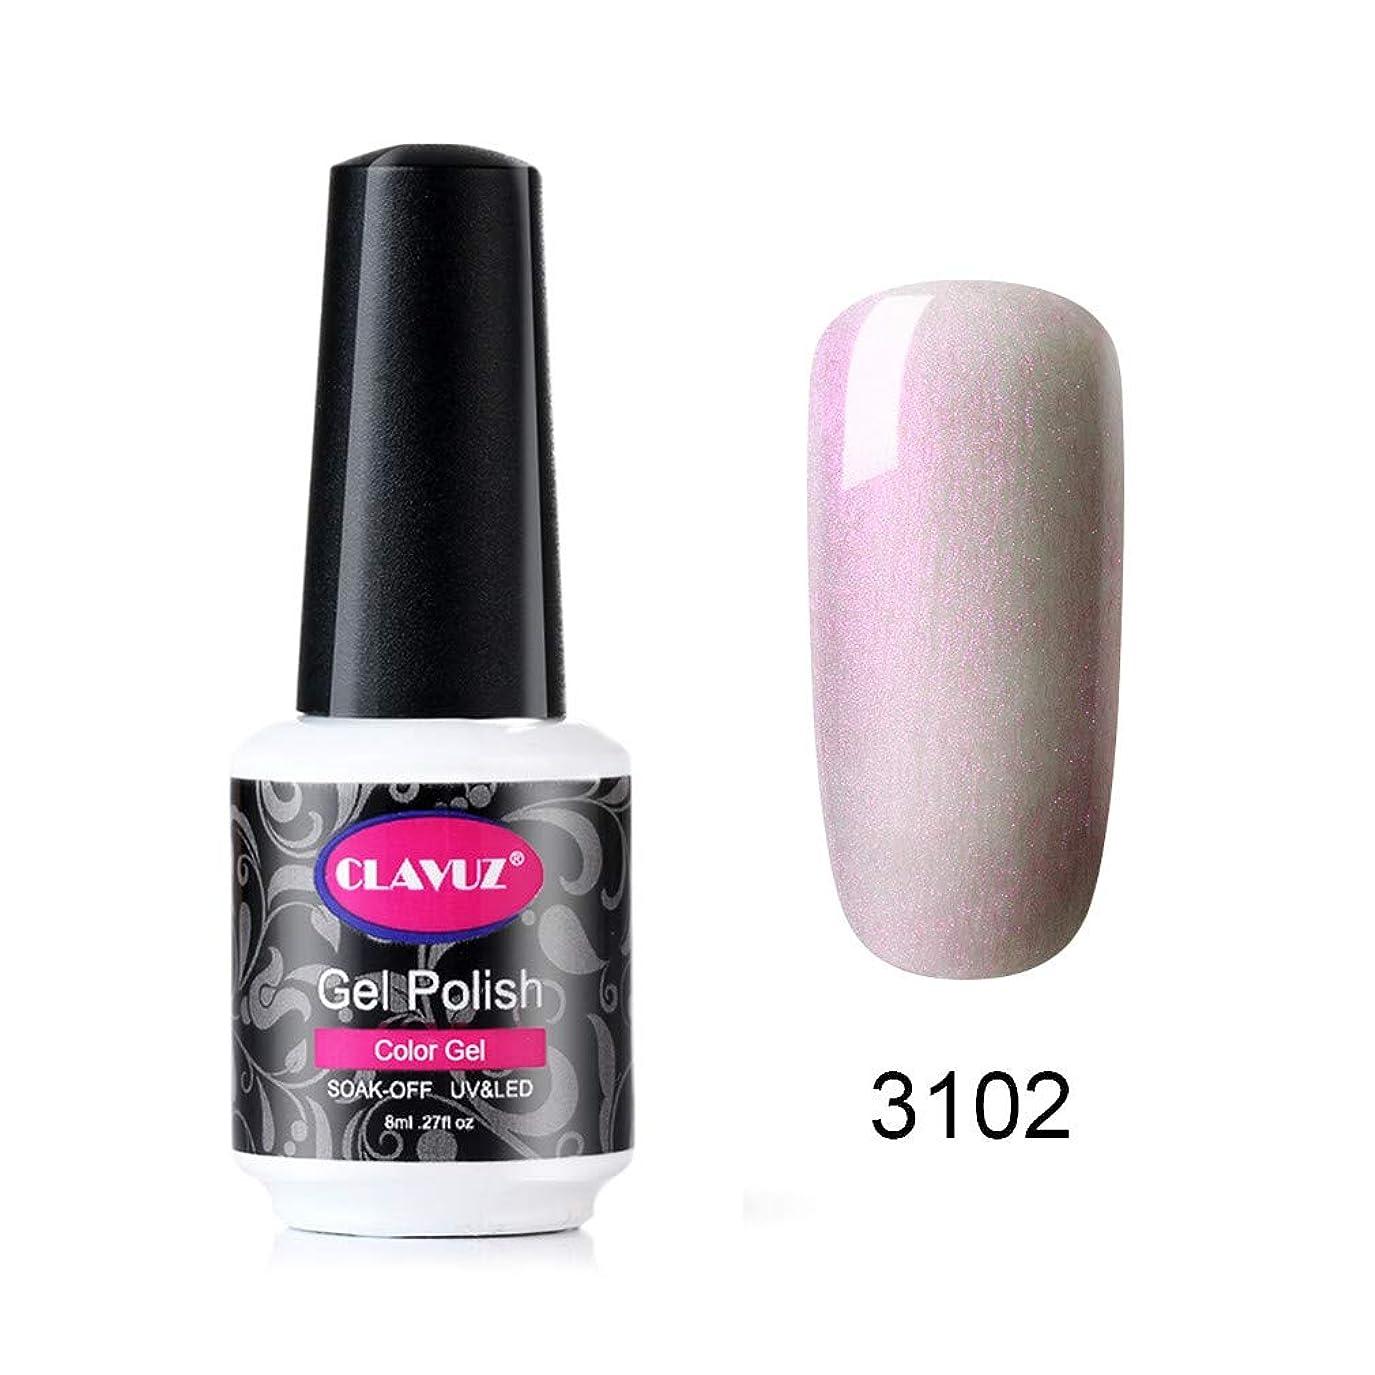 Clavuz ジェルネイル カラージェル 貝殻毛皮系 1色入り 8ml【全12色選択可】